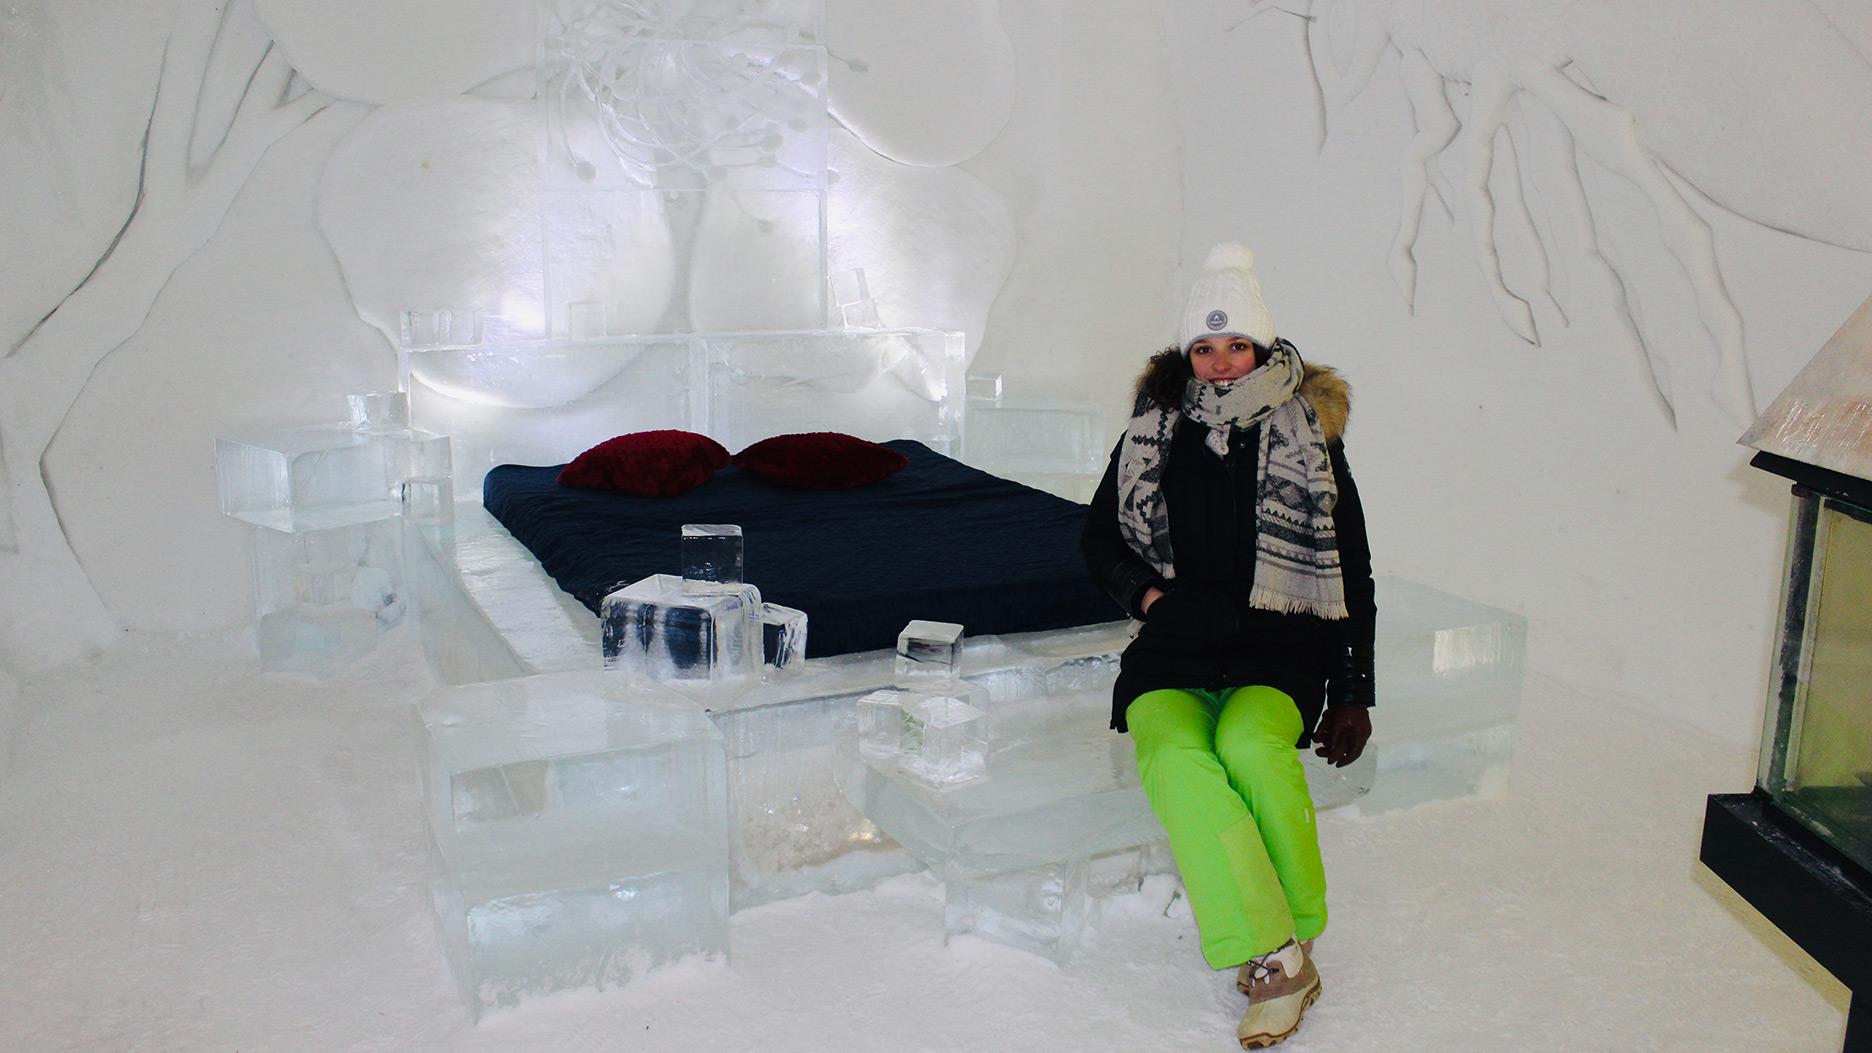 lit en glace à l'hotel de glace